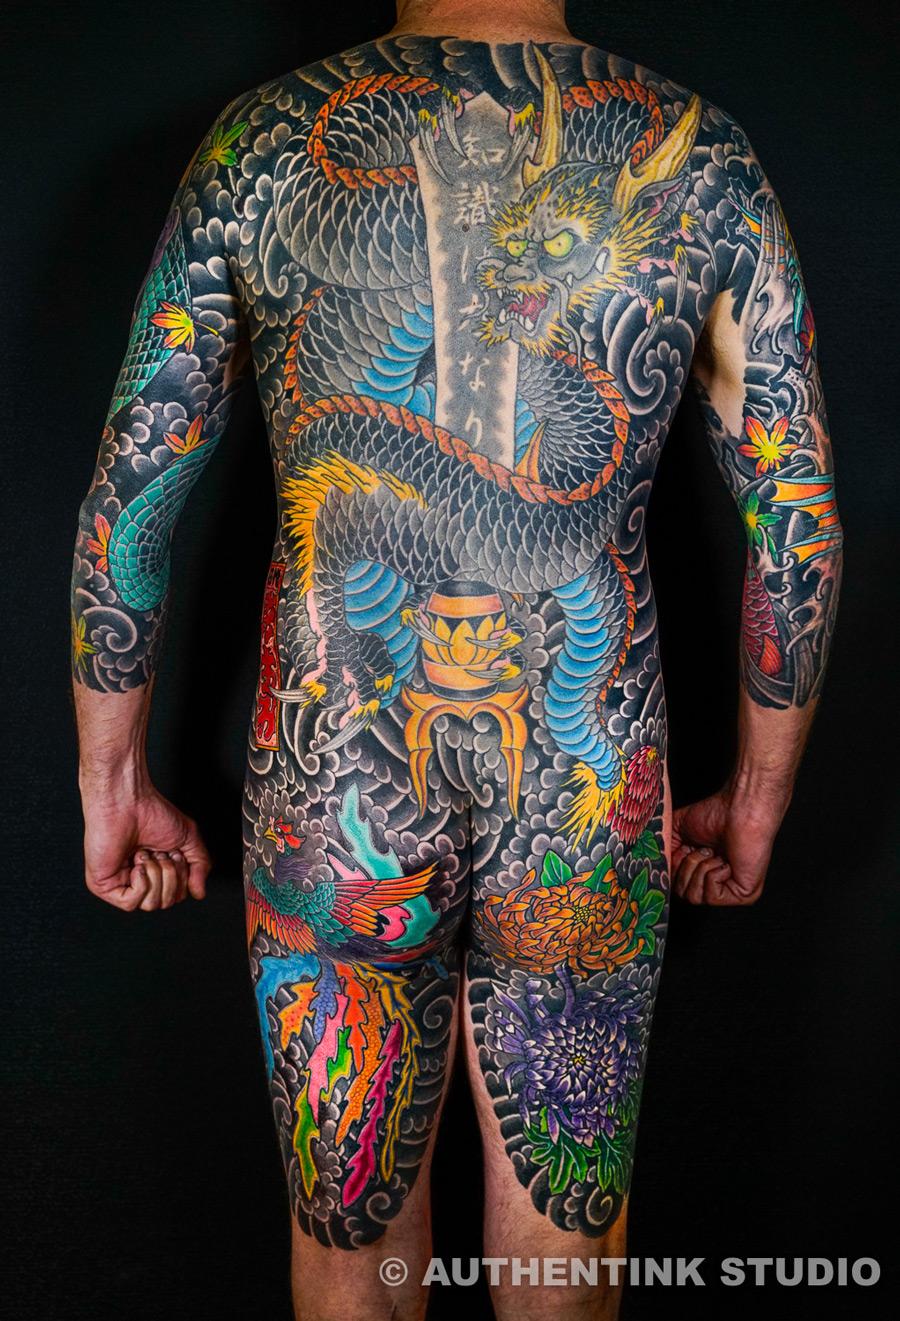 eef186ba73 Irezumi Tattoos Sydney - Japanese Irezumi Sleeve Tattoos